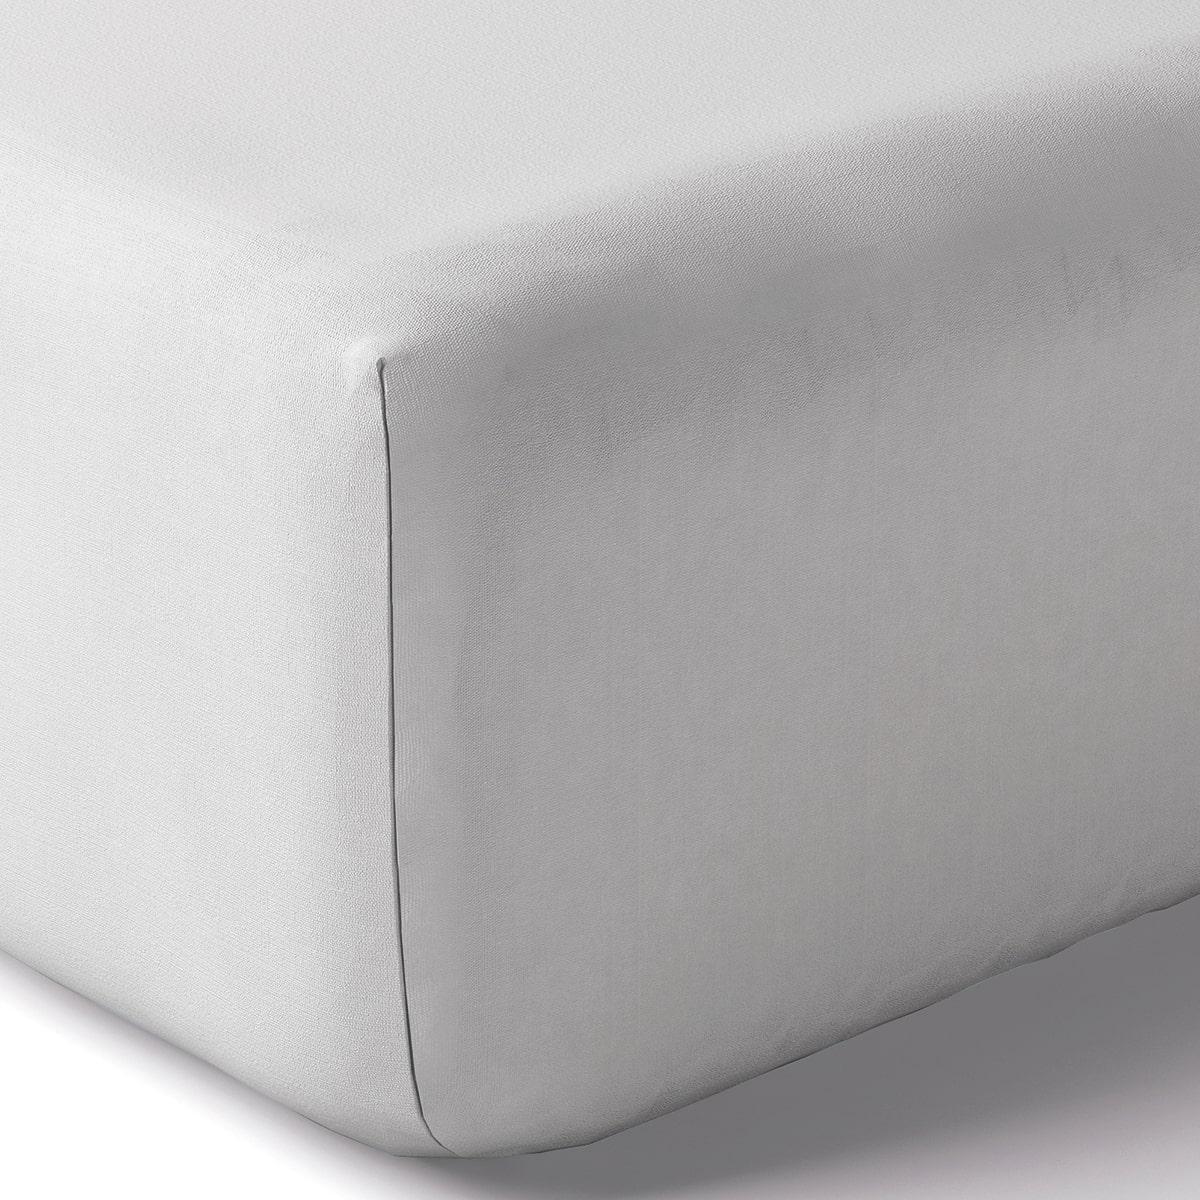 Drap housse coton 80x200 cm opaline